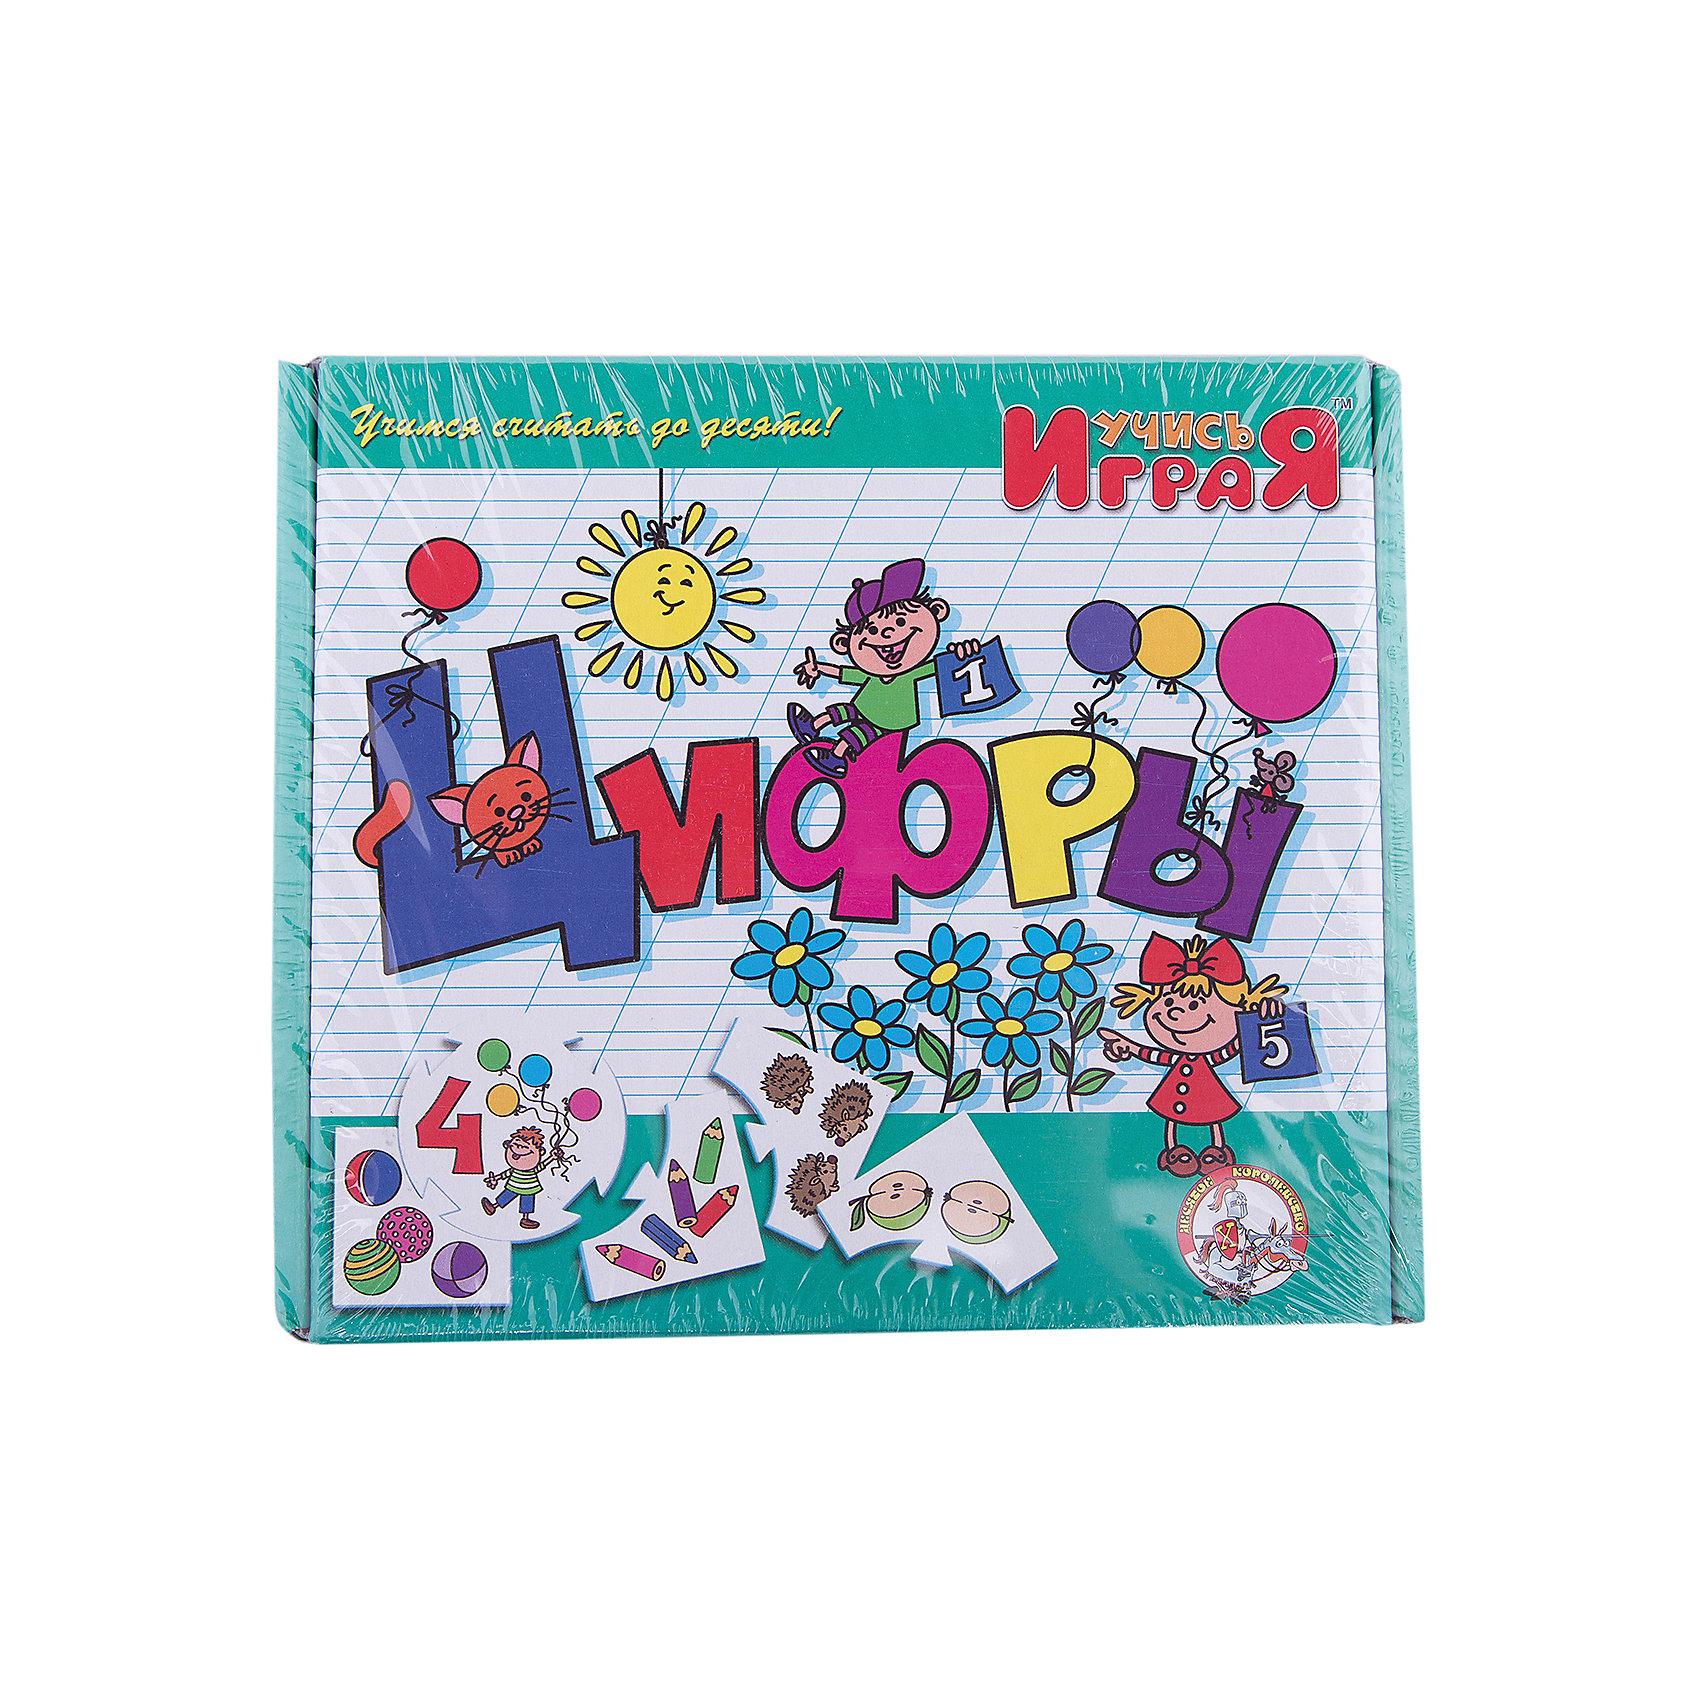 Игра обучающая  Цифры, Десятое королевствоПособия для обучения счёту<br>Игра обучающая Цифры, Десятое королевство<br><br>Характеристики:<br><br>• Возраст: от 3 лет<br>• Количество игроков: от 1 до 10<br>• В комплекте: 10 карточек заданий, 4 карточки с ответами<br><br>В этой увлекательной обучающей игре могут участвовать одновременно от 1 до 10 детей! В наборе содержатся 10 карточек-заданий, на которых изображены рисунки по теме «цифры». К каждой необходимо найти 4 карточки-ответа, чтобы дополнить их содержание. В процессе игры дети учат цифры и простой счет, работают над мелкой моторикой и расширяют свои знания и представления об окружающем мире.<br><br>Игра обучающая Цифры, Десятое королевство можно купить в нашем интернет-магазине.<br><br>Ширина мм: 230<br>Глубина мм: 200<br>Высота мм: 35<br>Вес г: 240<br>Возраст от месяцев: 84<br>Возраст до месяцев: 2147483647<br>Пол: Унисекс<br>Возраст: Детский<br>SKU: 5471686